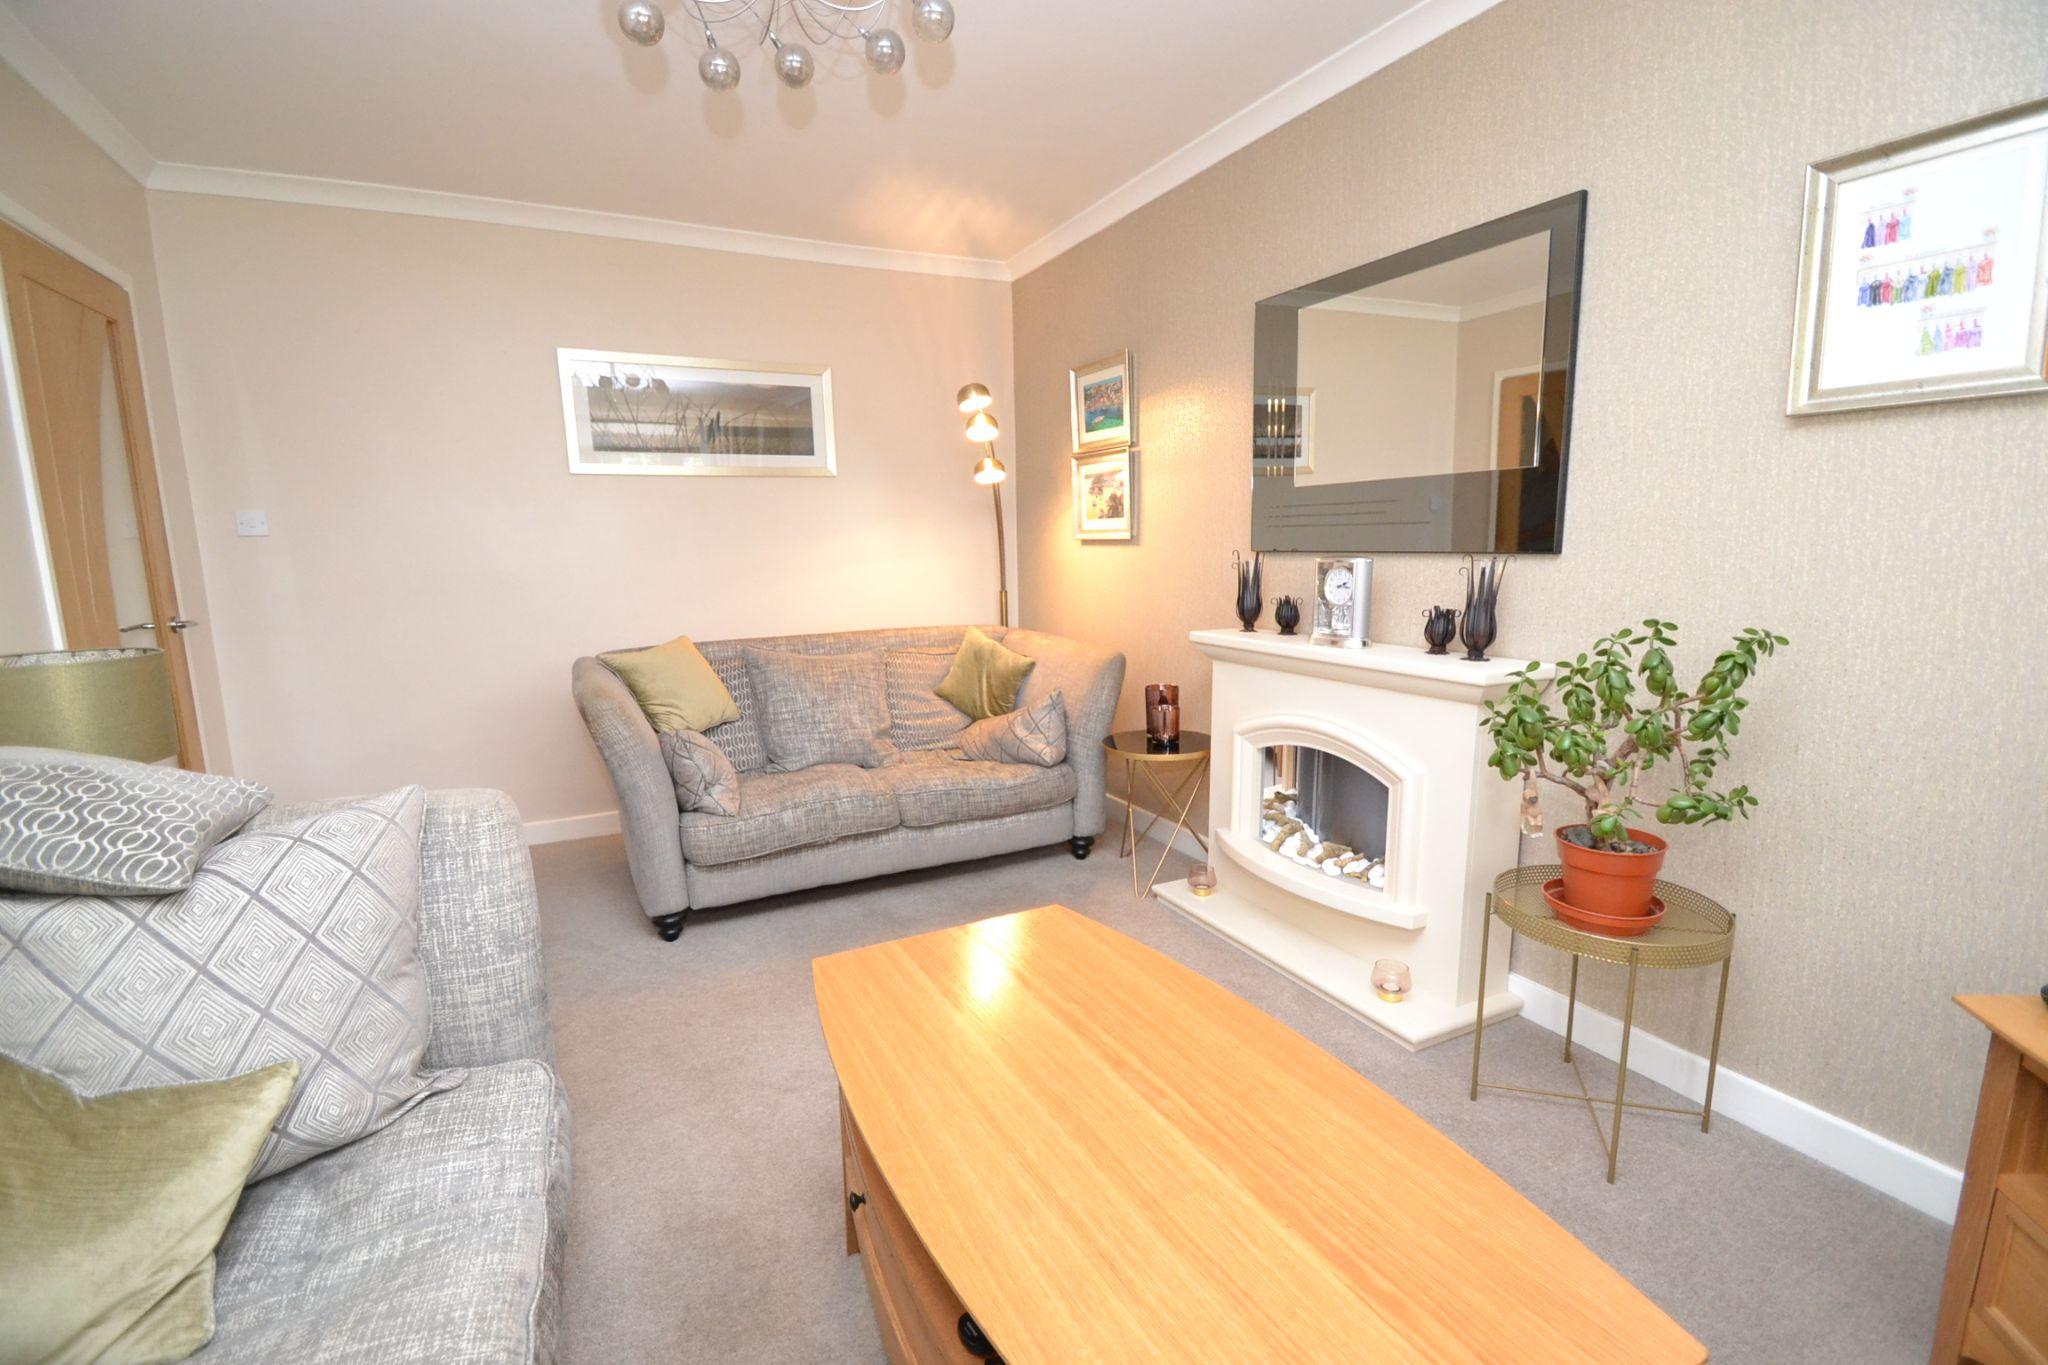 2 Bedroom Detached Bungalow For Sale - Photograph 4